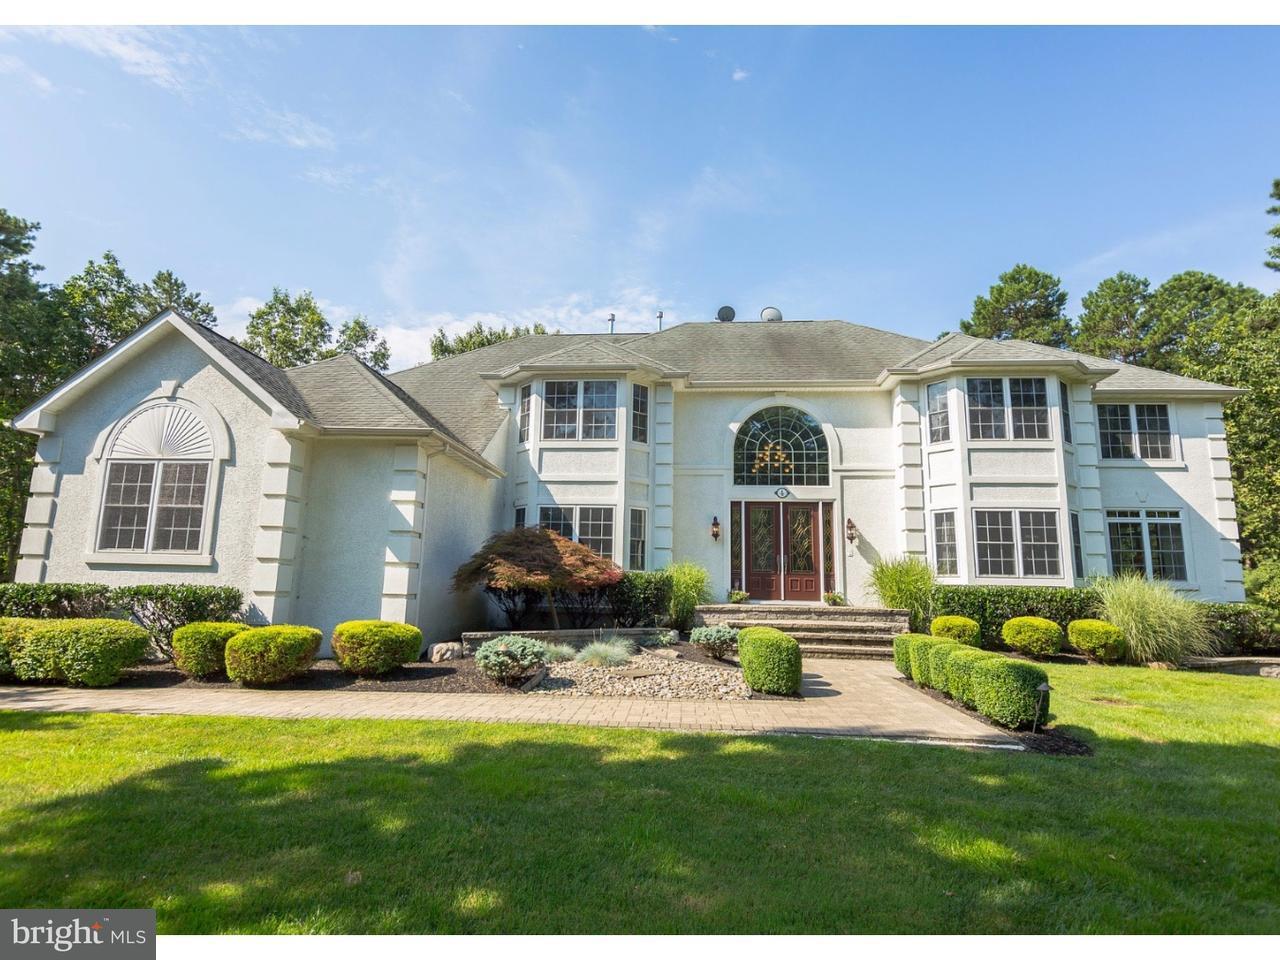 Частный односемейный дом для того Продажа на 4 HANLEY PARKE Medford, Нью-Джерси 08055 Соединенные Штаты